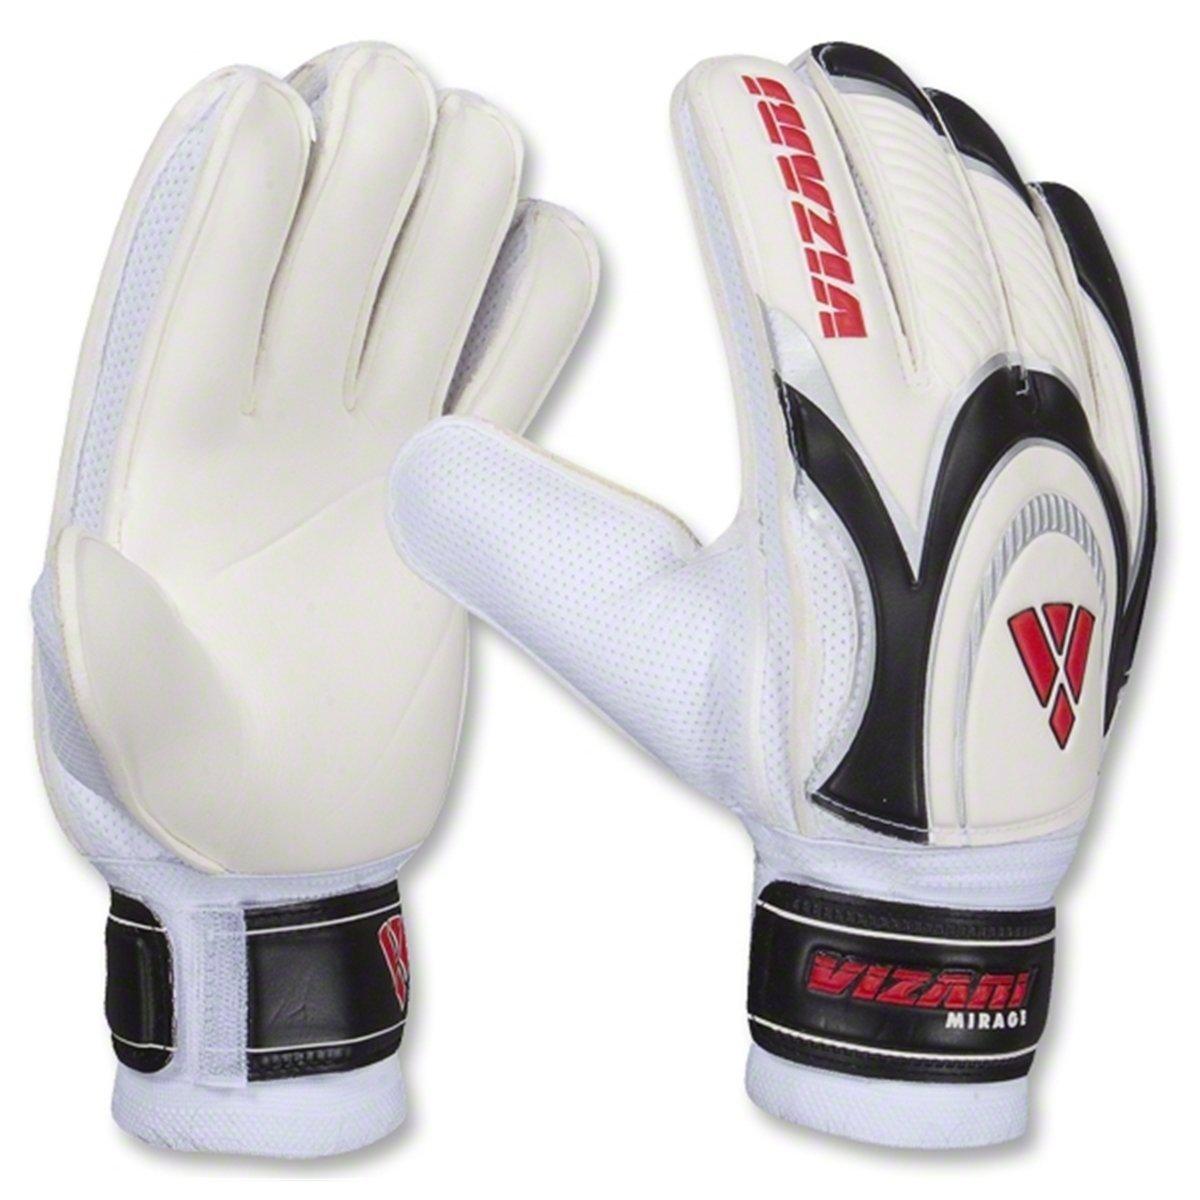 ee1984c4860 Get Quotations · Vizari Mirage CG Goalkeeper Gloves